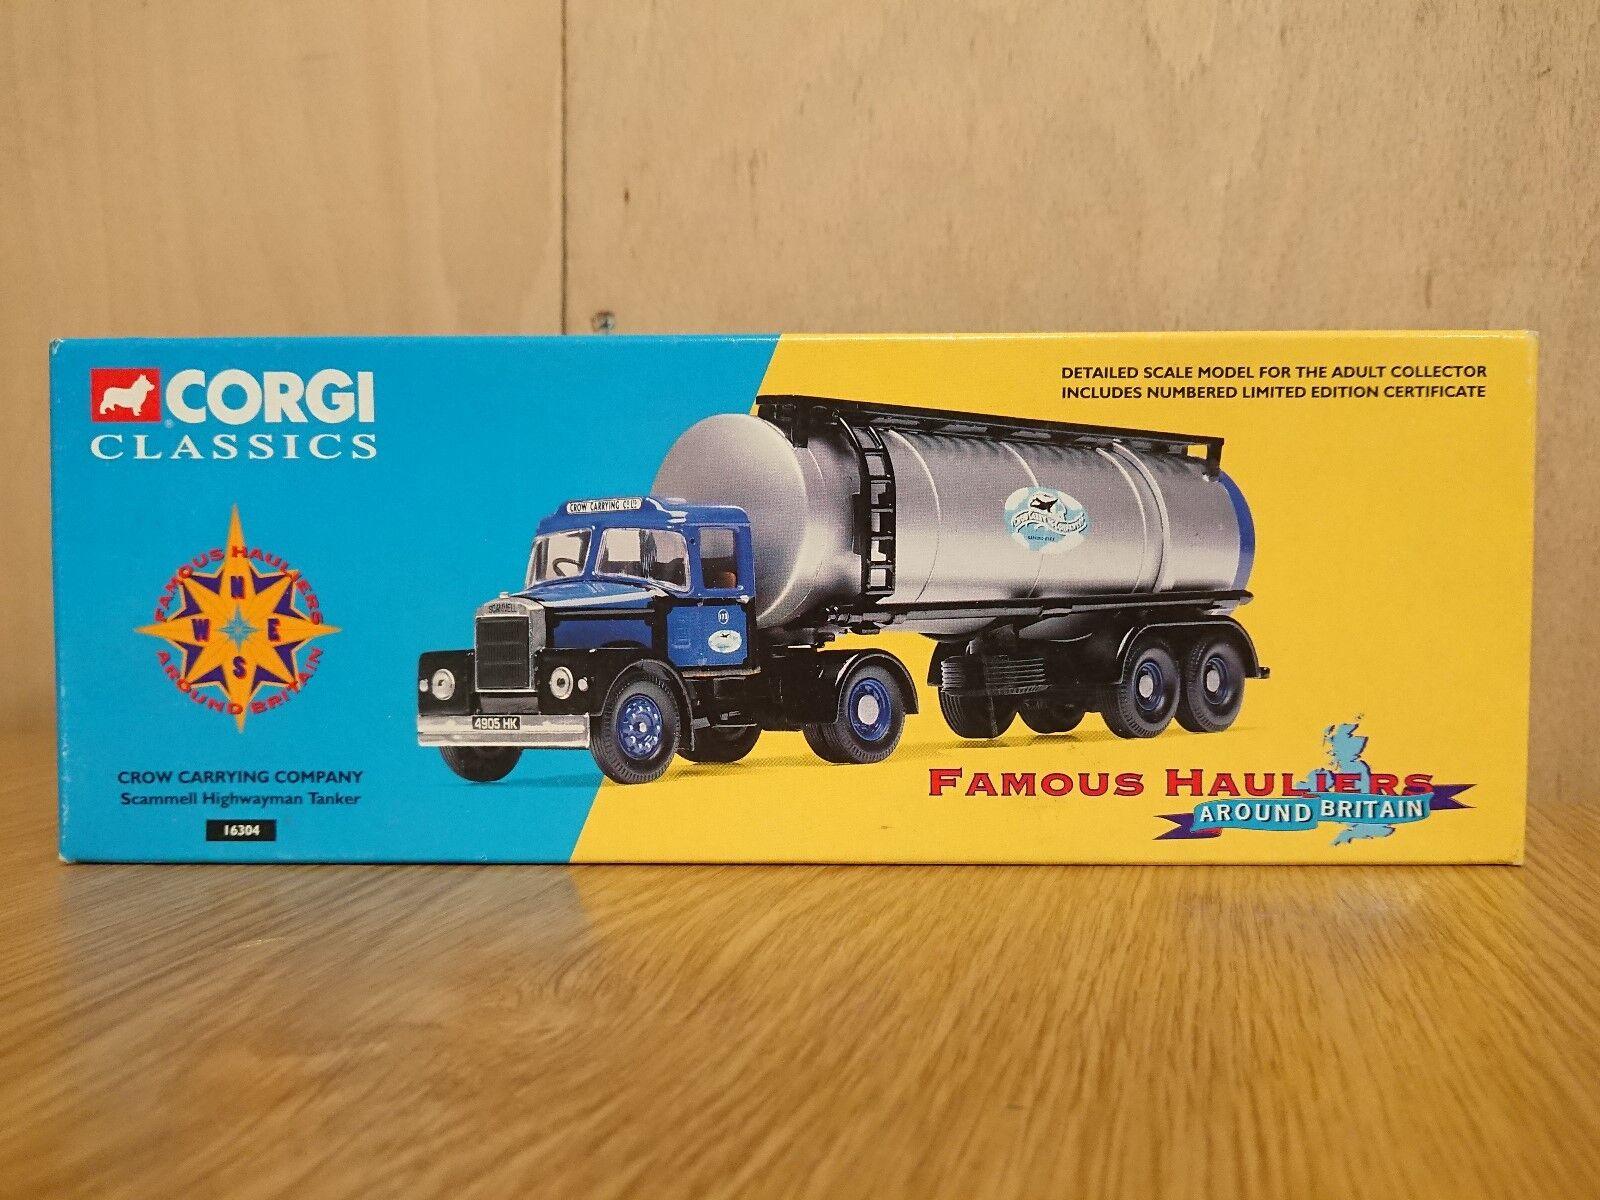 Corgi Classics 16304 Scammell Scammell Scammell Highwayman Tanker Crow CC Ltd Ed. No. 0002 of 5200 66e6da